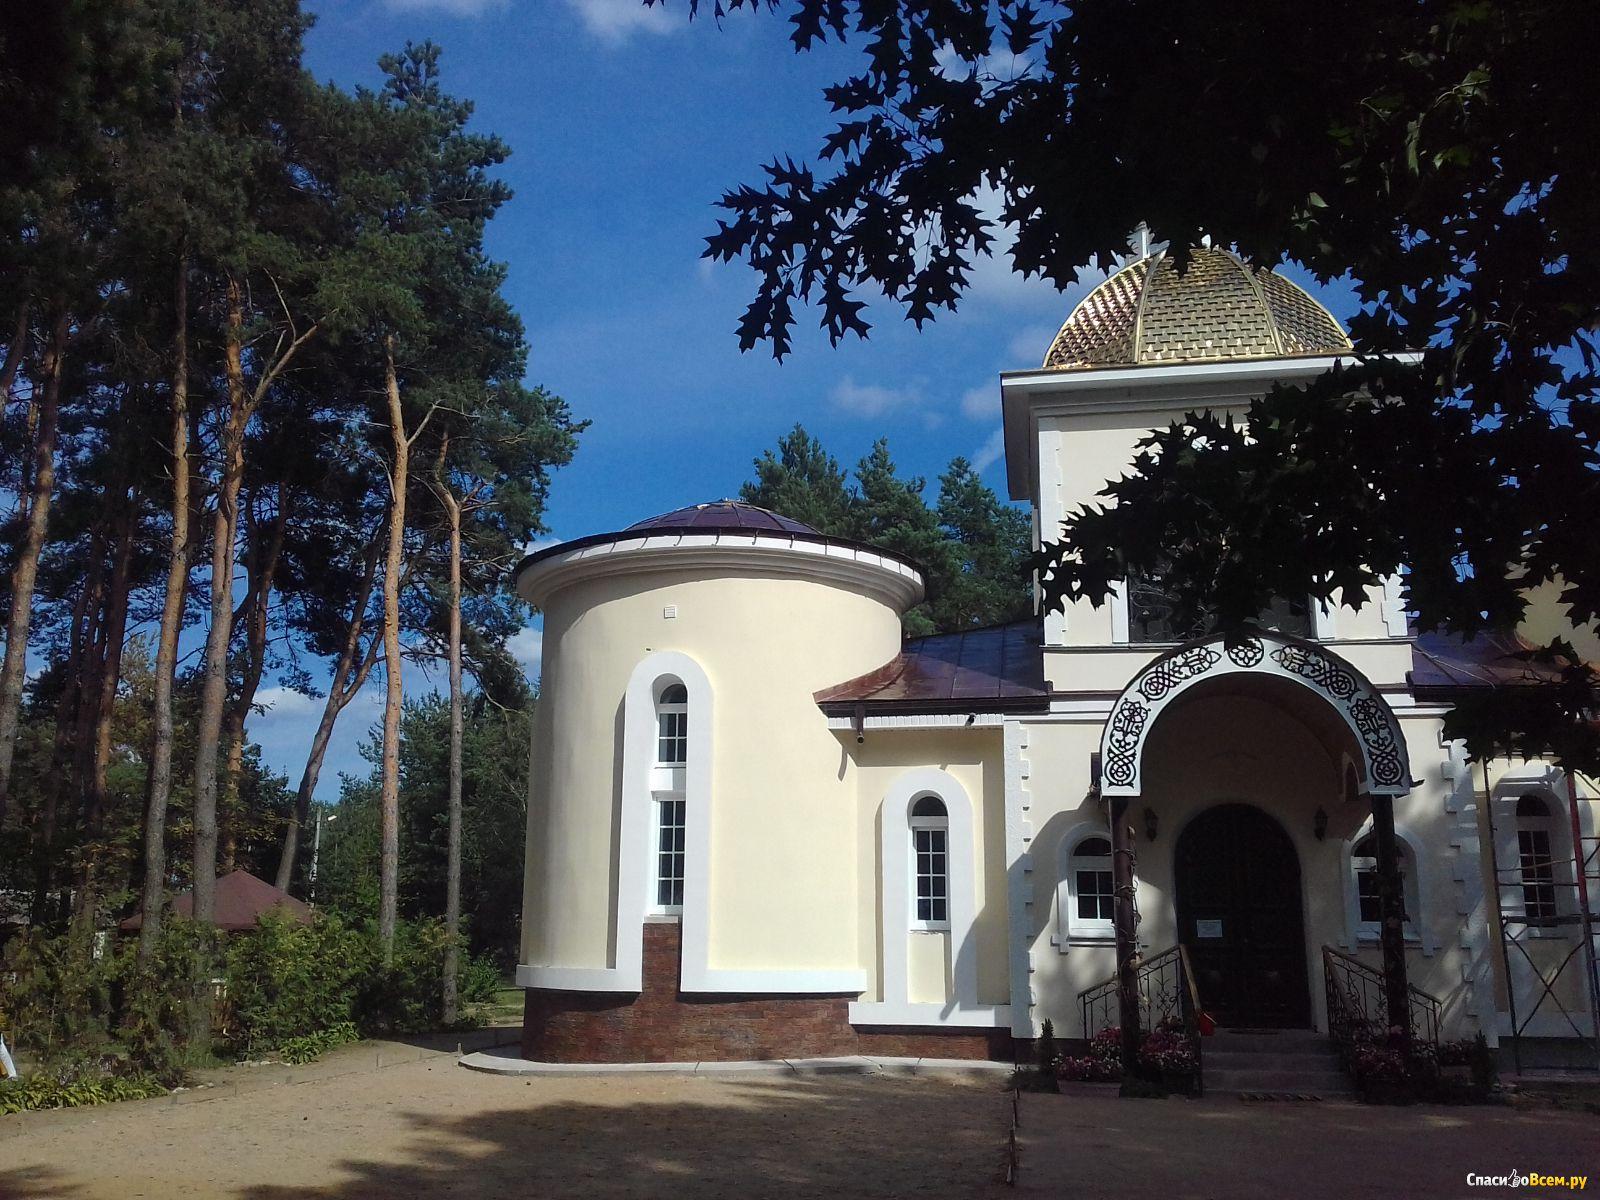 бесплатно открытку лаврушинский монастырь беларусь фото защиты строений